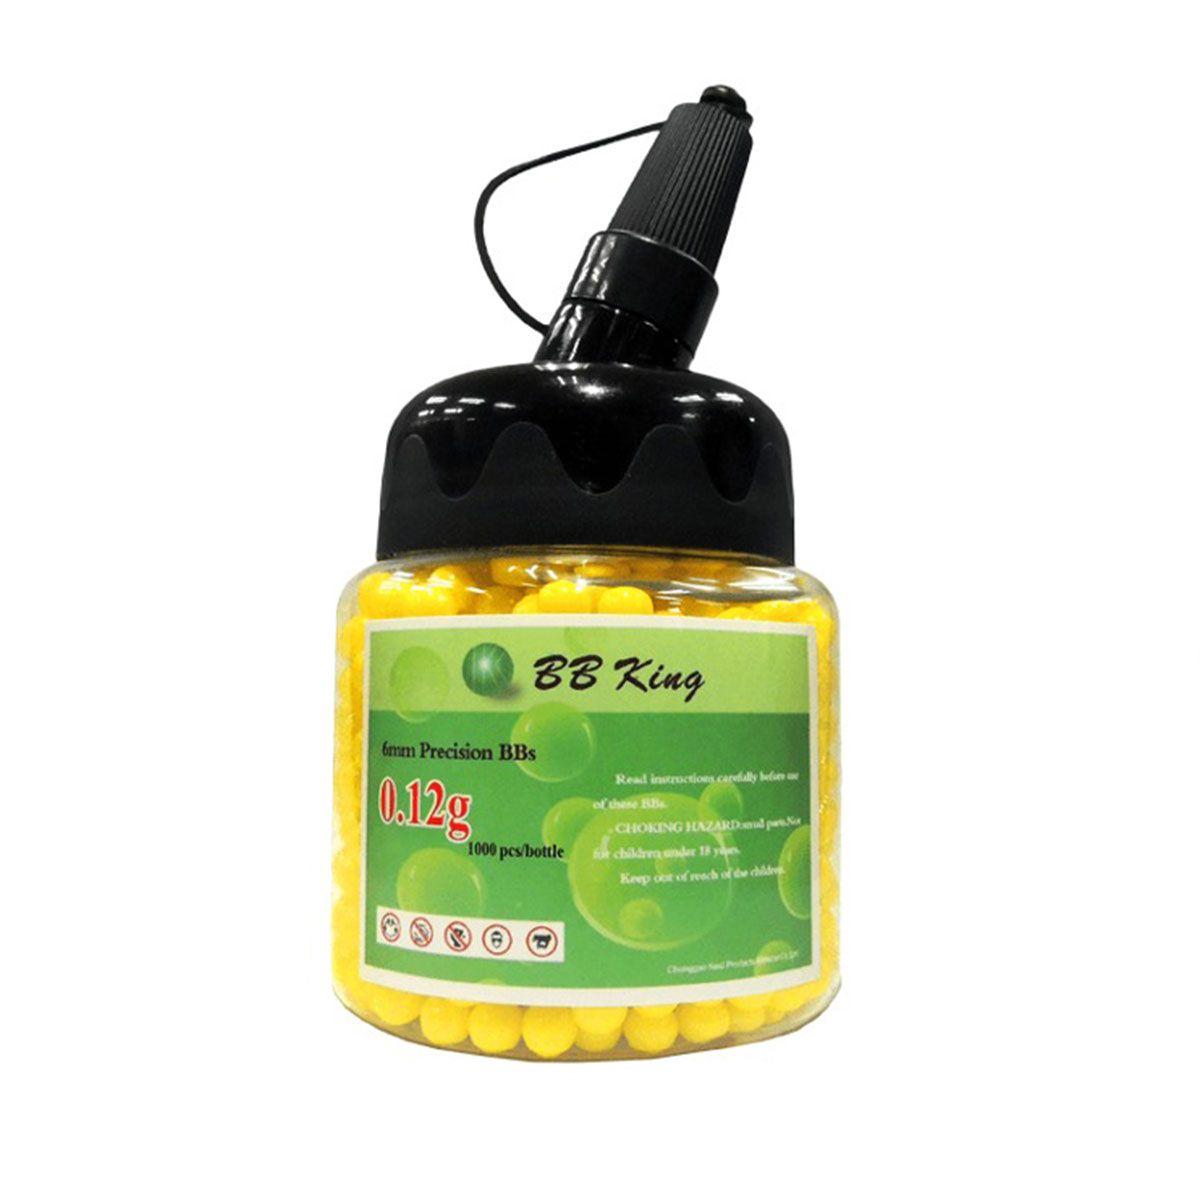 Esferas Plásticas BBs BB King Amarela 6mm 0,12g 1000un